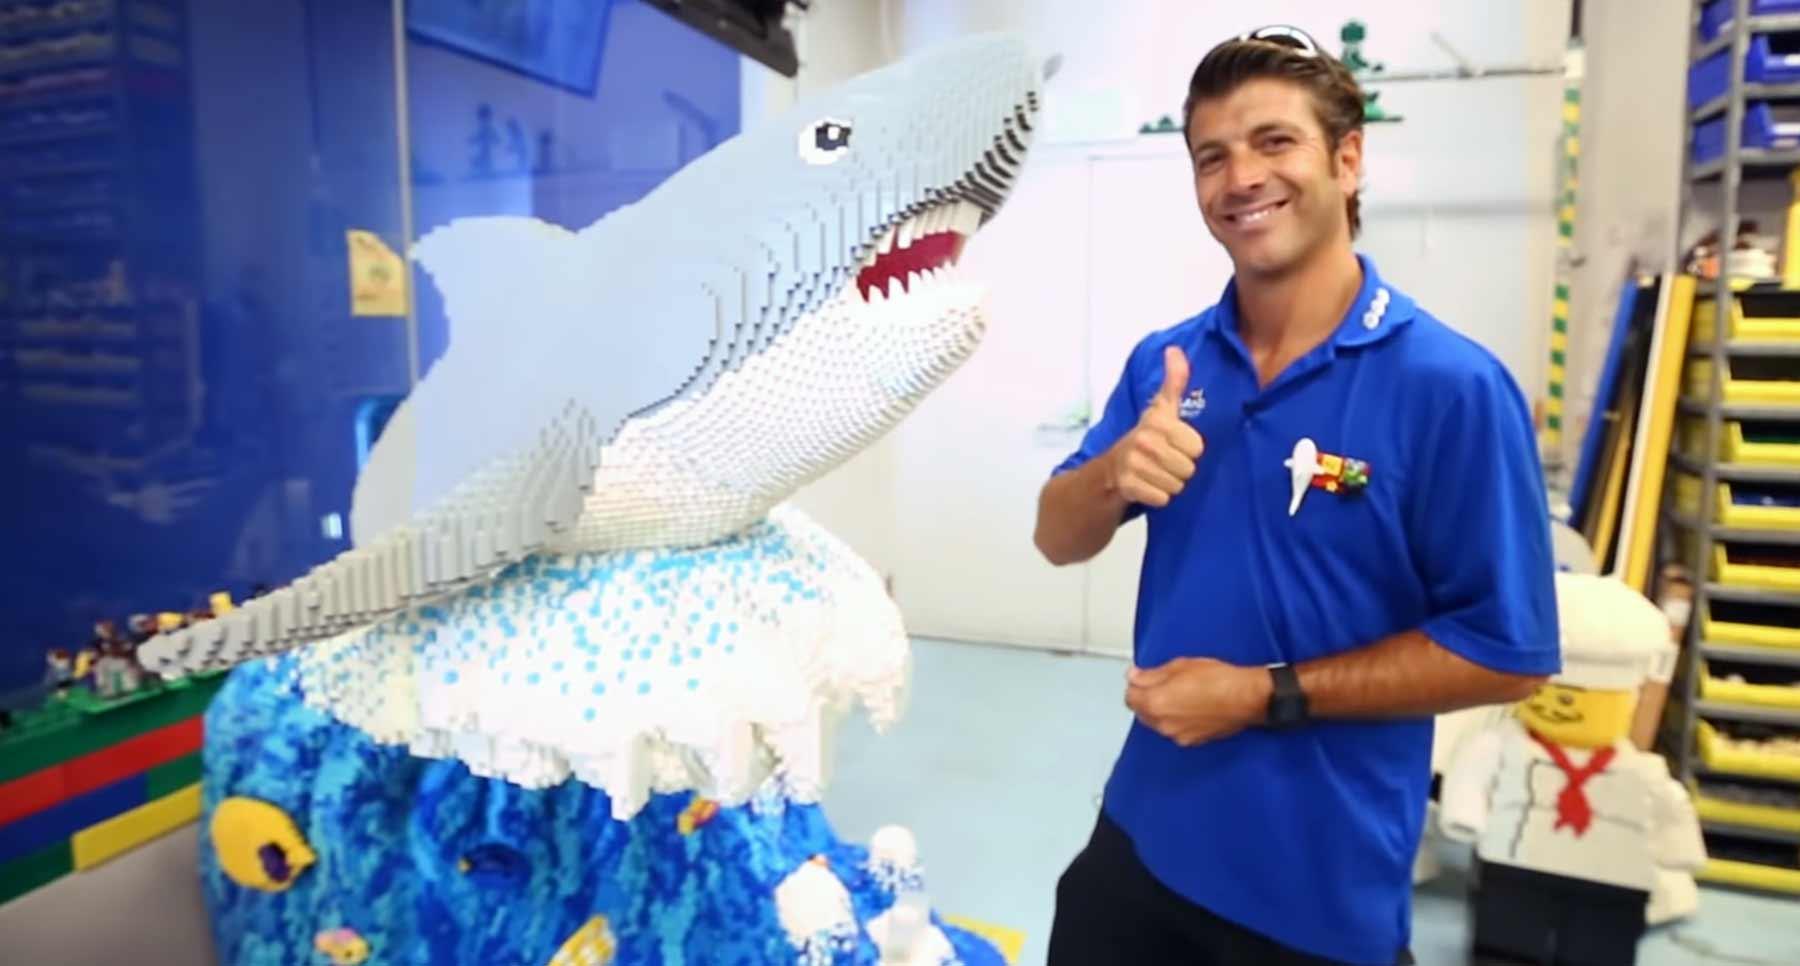 Zu Gast bei einem LEGOland-Modellbauer